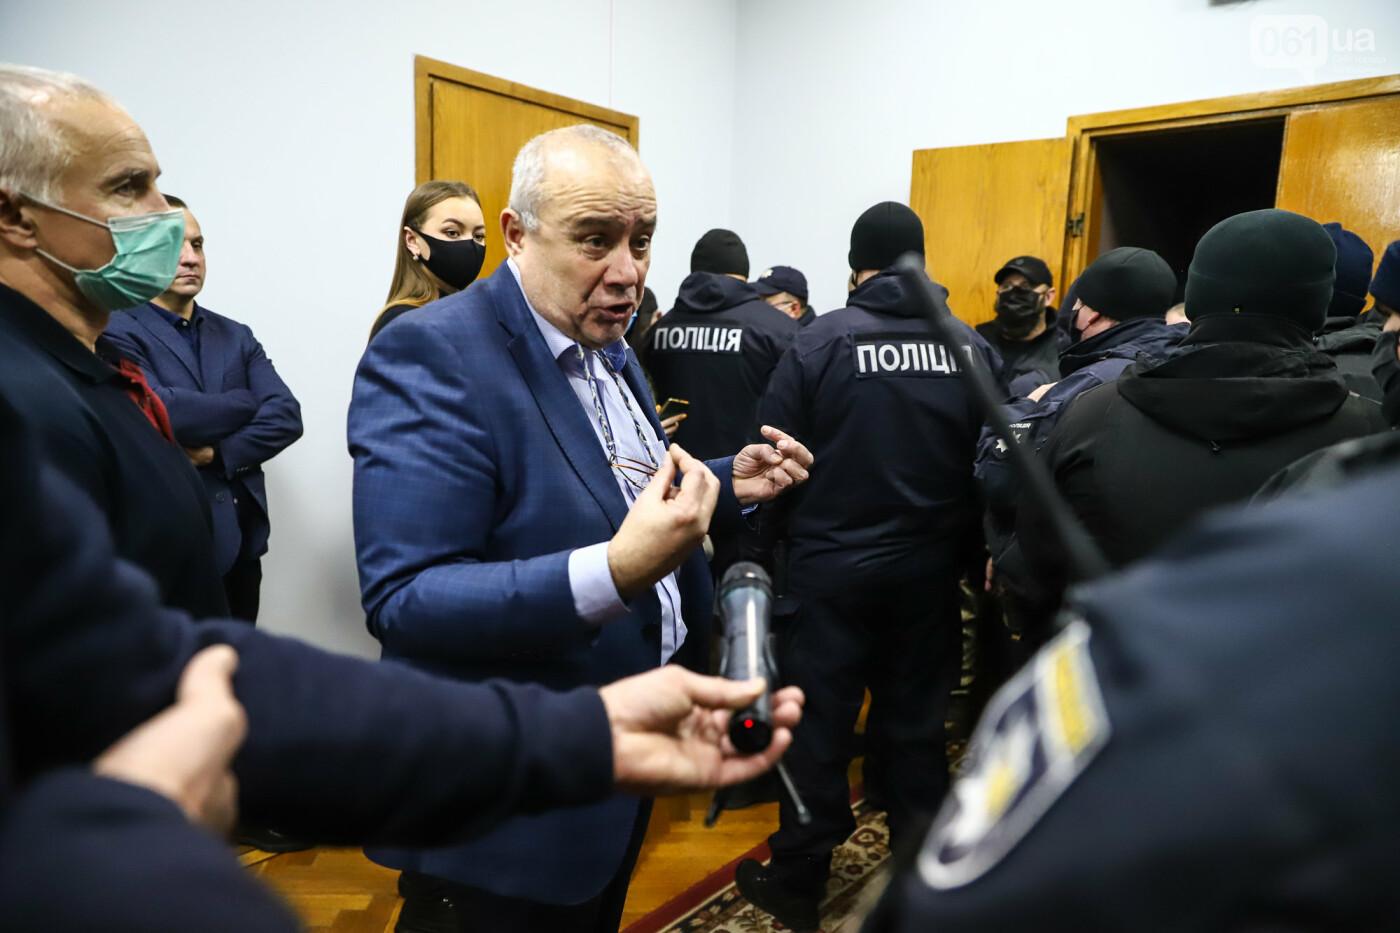 """Тайная """"сессия"""", сотни правоохранителей и стычки с активистами - что происходило в здании Запорожского облсовета, - ФОТО, ВИДЕО , фото-47"""